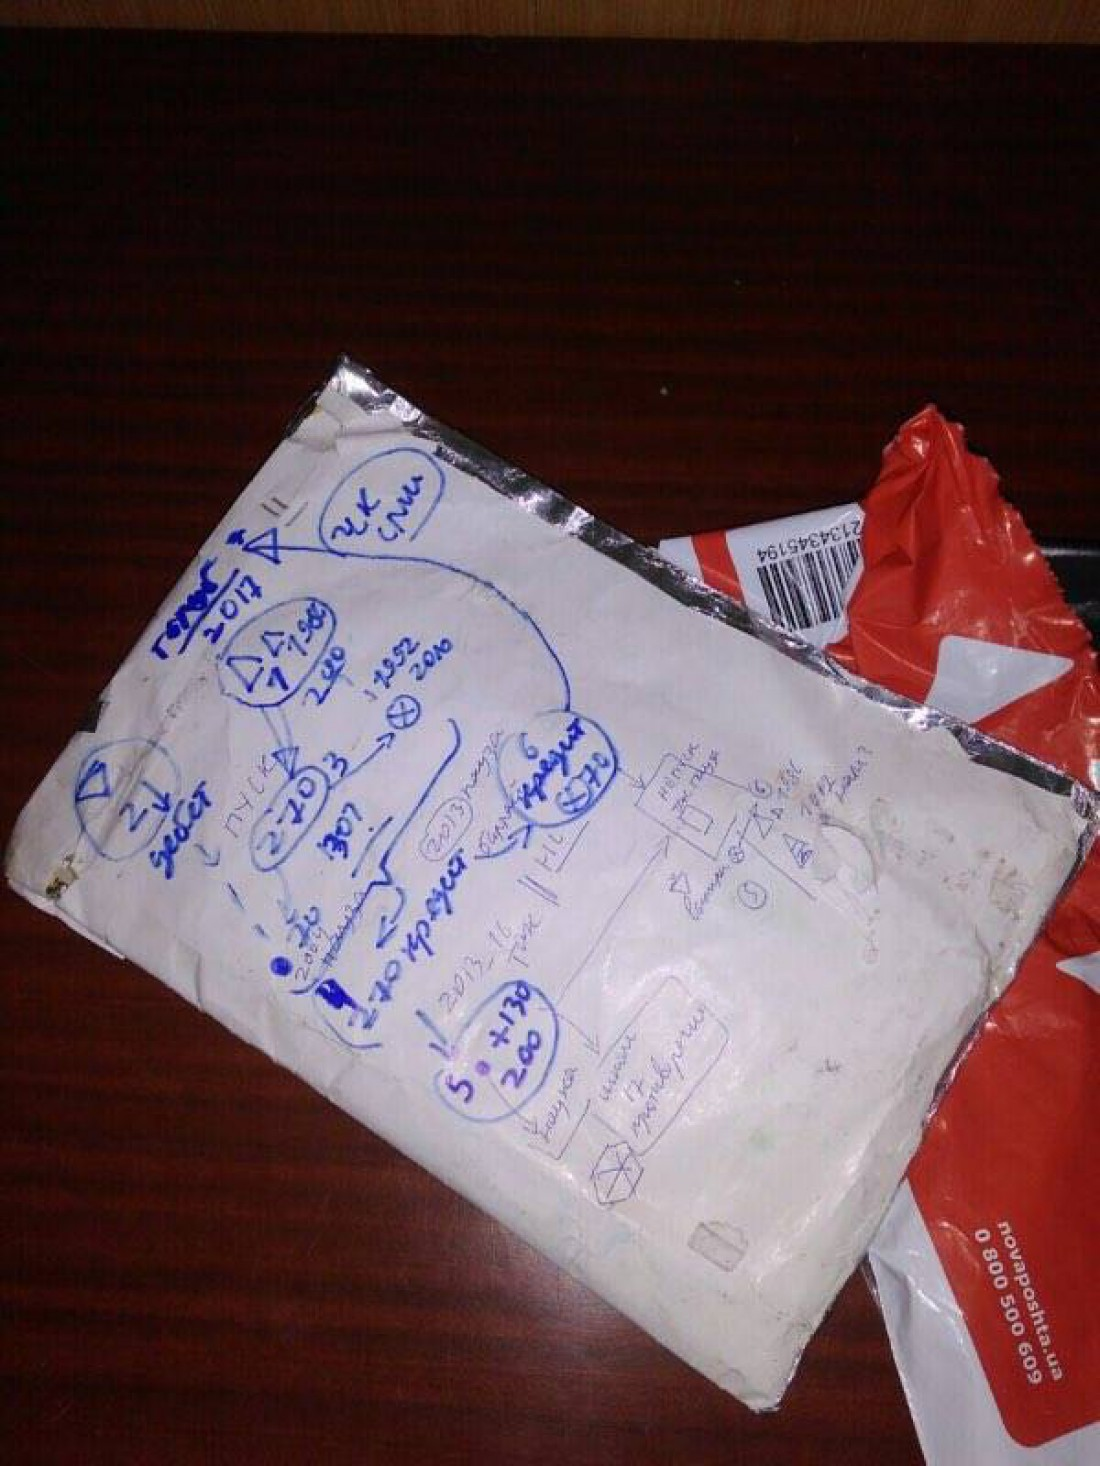 Пакет, который доставили в приемную Голуба